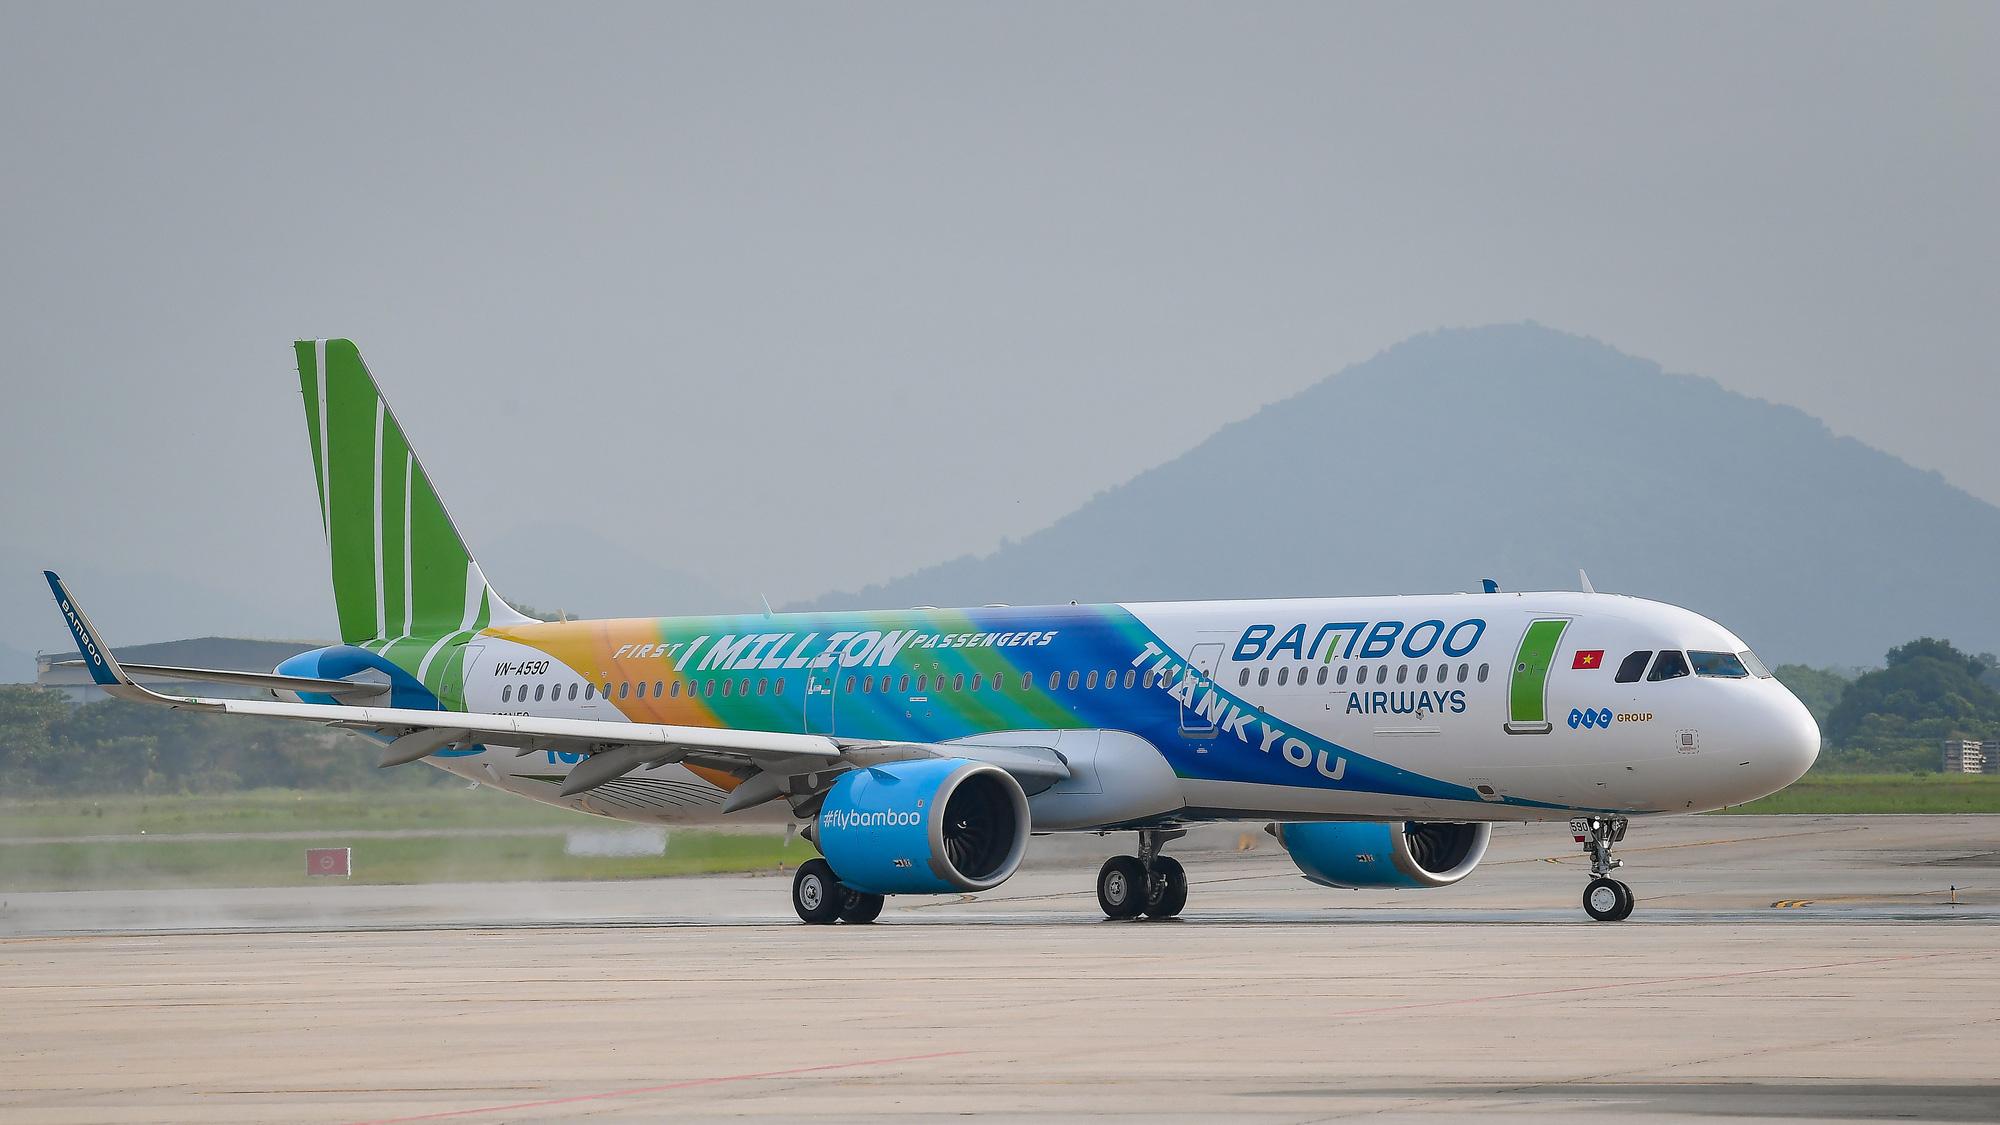 Phó Thủ tướng yêu cầu xem xét đề xuất bỏ hạn chế số lượng máy bay của Bamboo Airways - Ảnh 1.